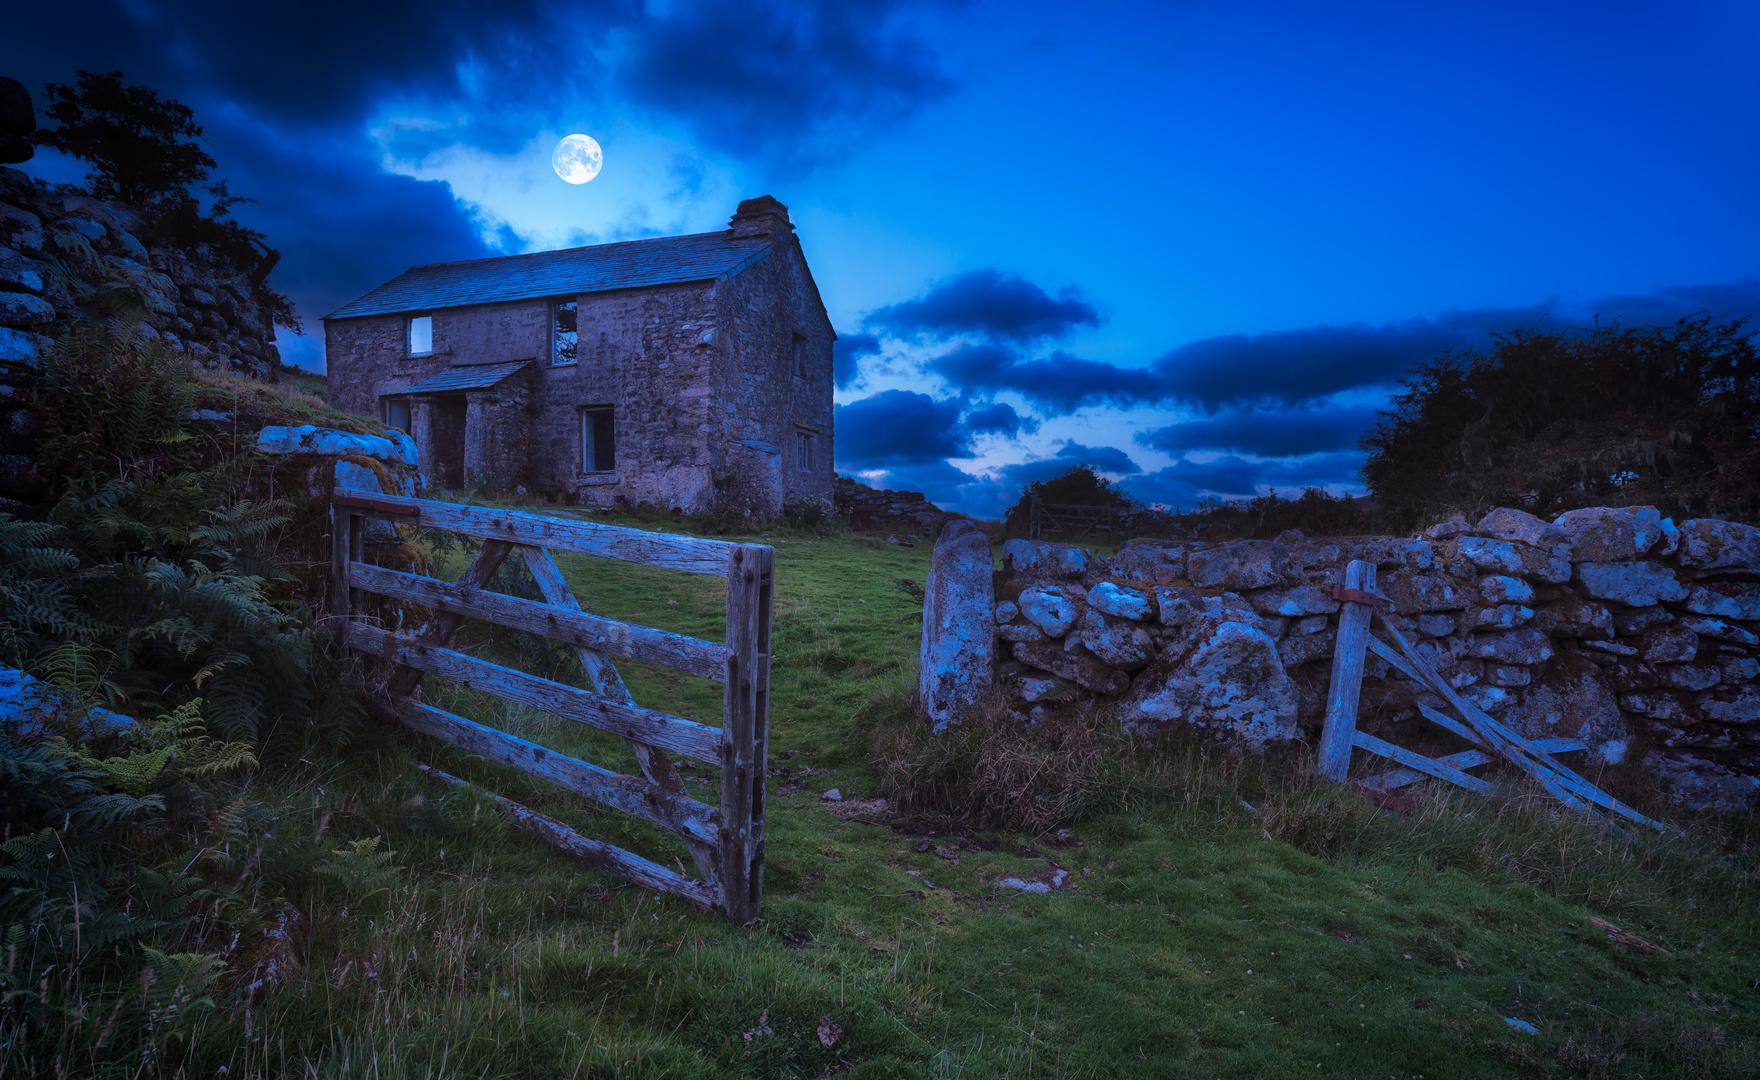 photo : Haunted House